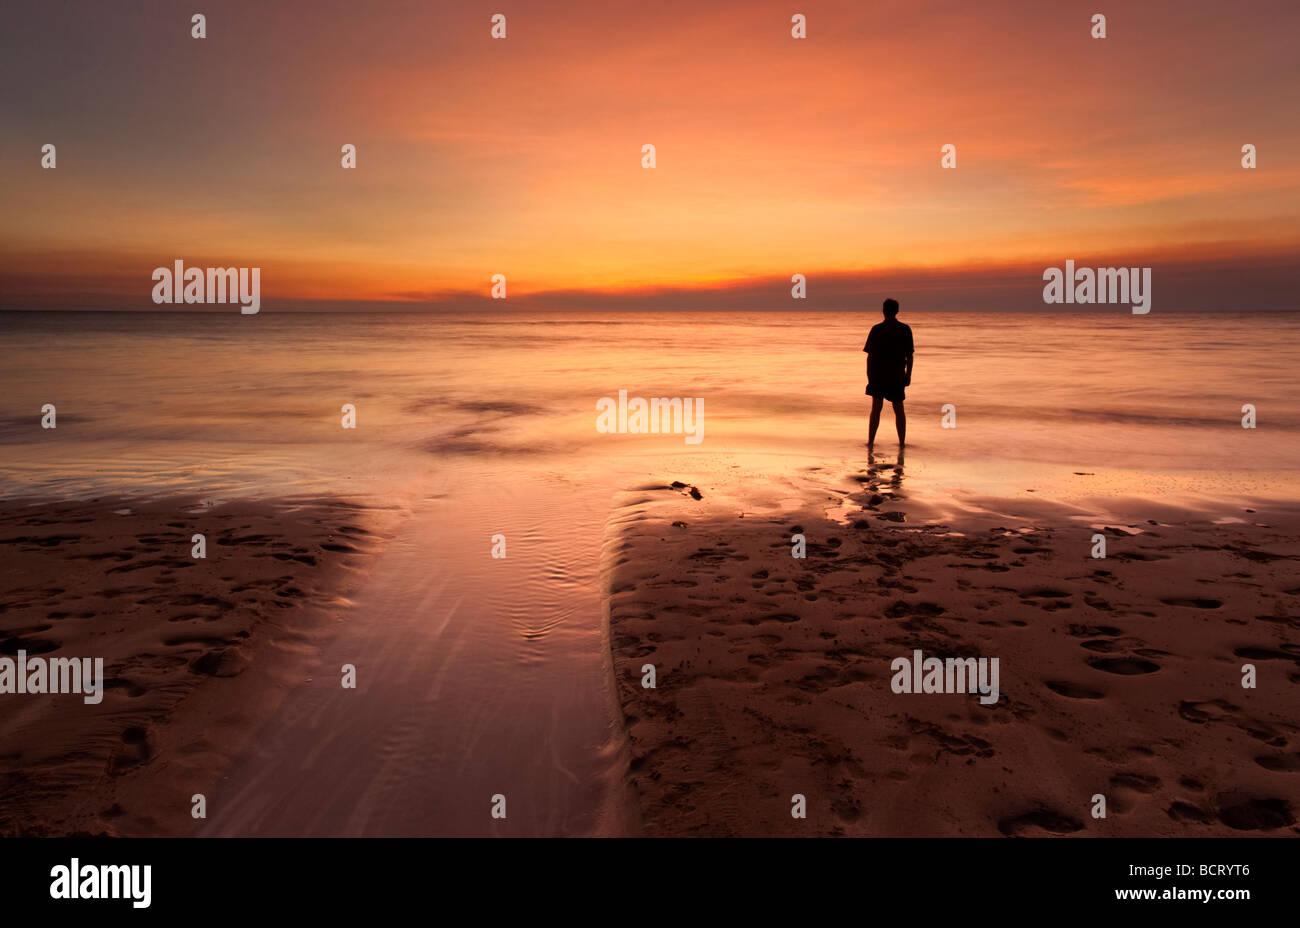 Silhouette di un uomo in piedi sulla riva del mare e guardare il tramonto. Dripstone Beach, Darwin, Territorio del Immagini Stock